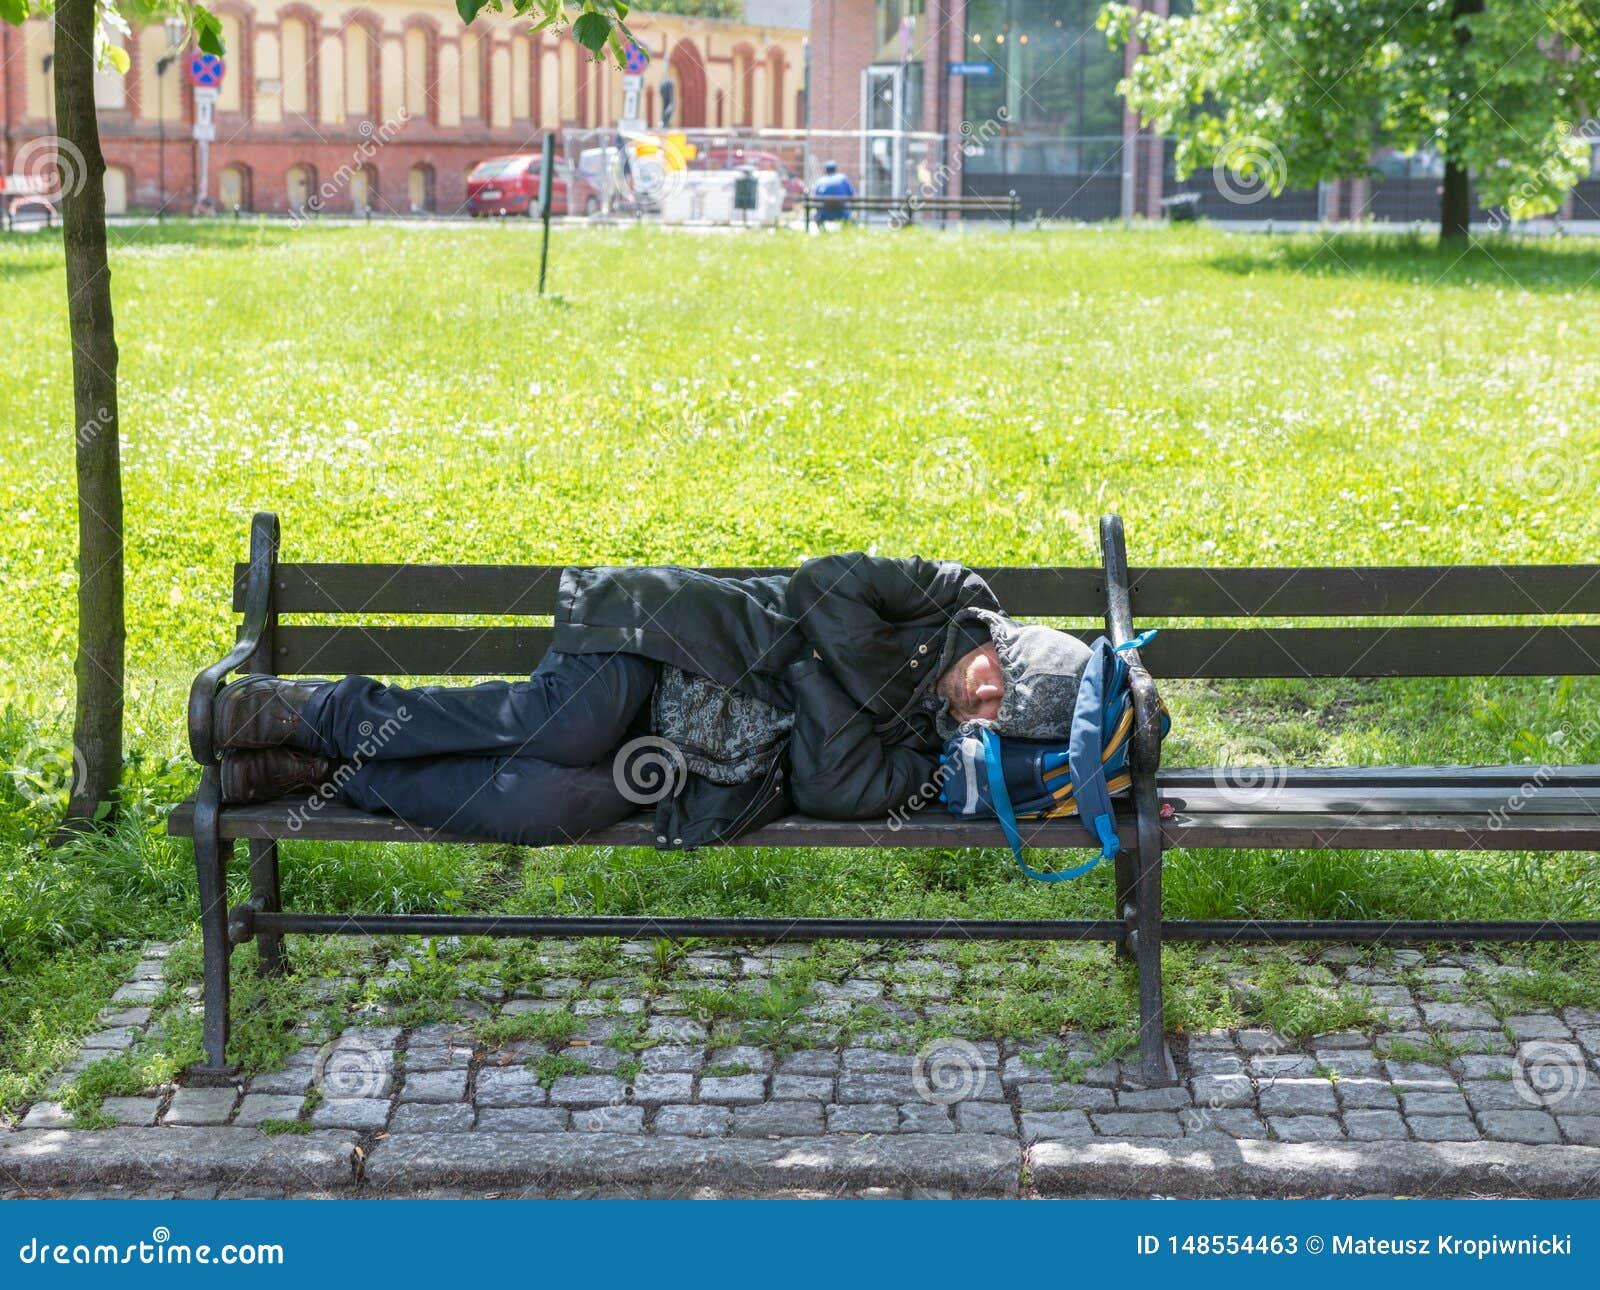 'Aw, Polonia di WrocÅ - 24 maggio 2019: L uomo senza tetto sta dormendo su un banco vicino all recentemente costruito